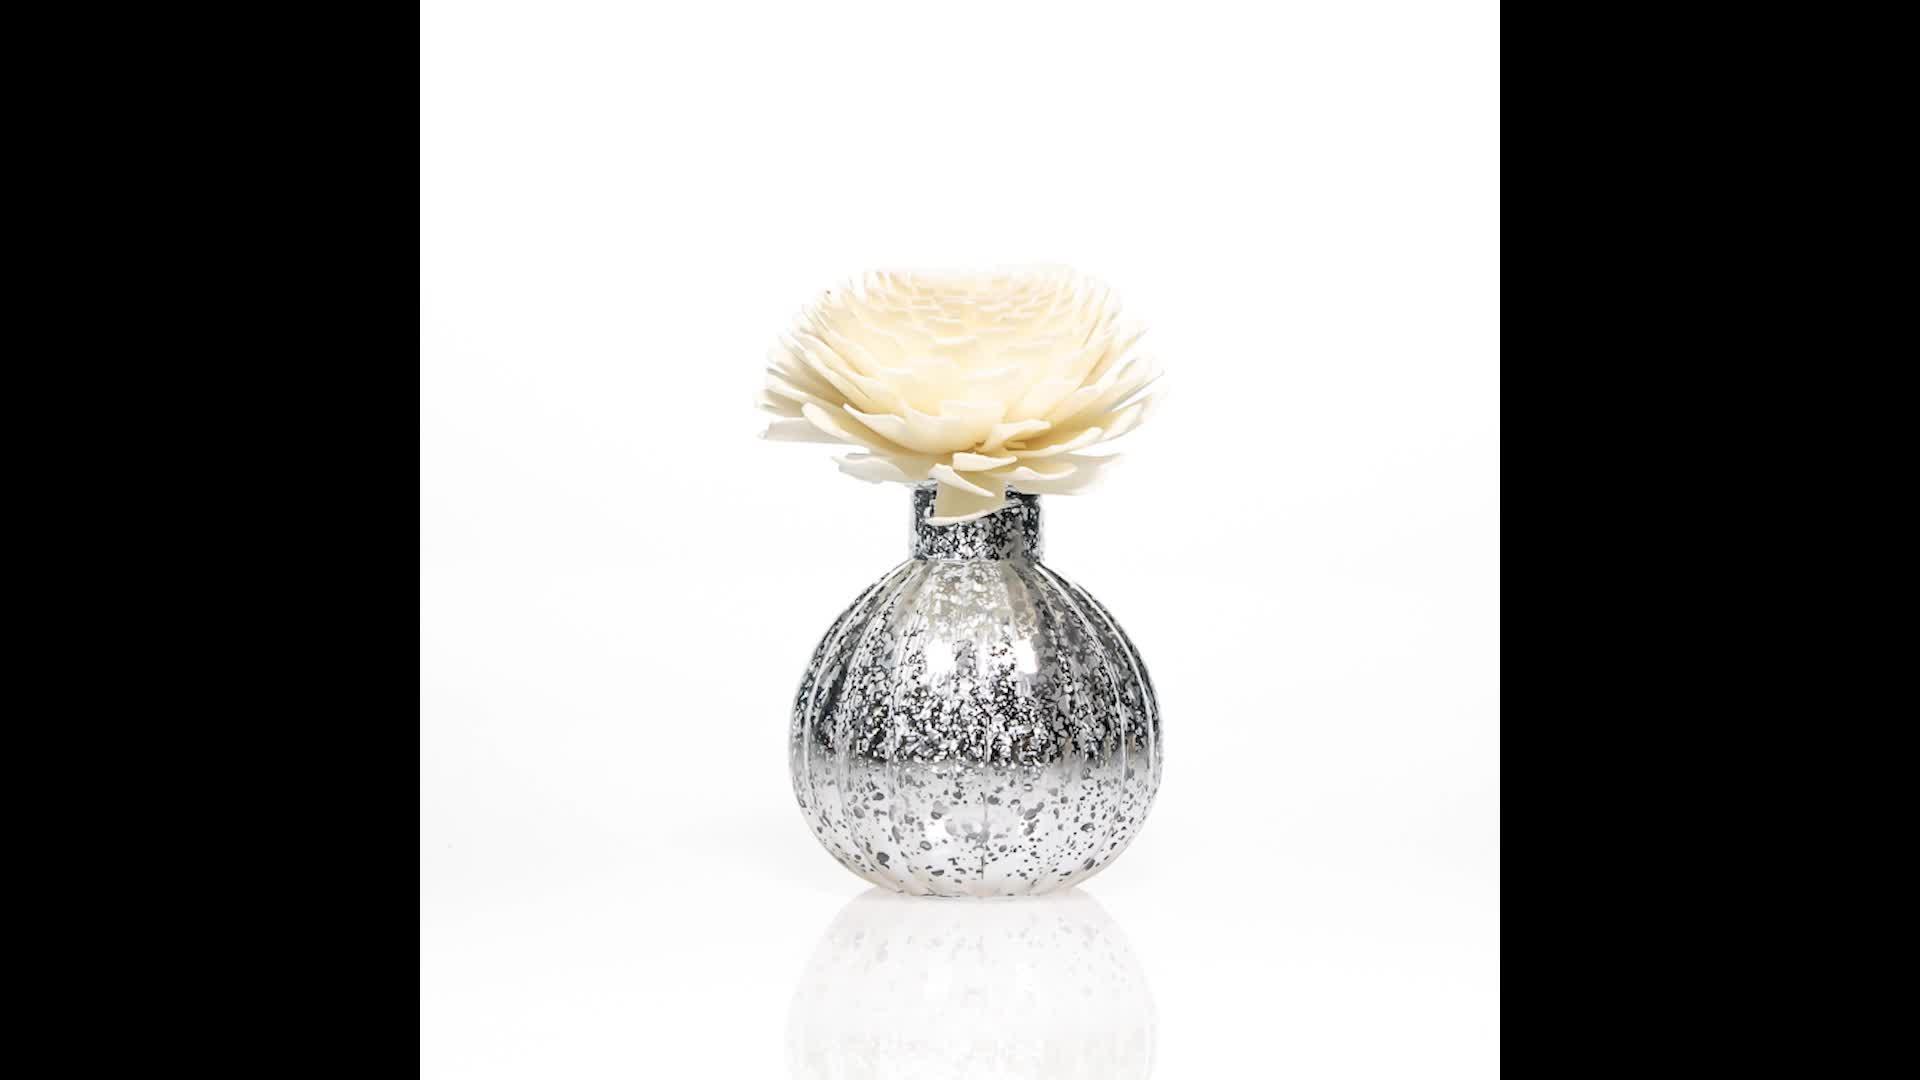 Rodada de Prata 120 ml Spray de Cor Casa Fragrância Difusor de Lingüeta do Frasco de Perfume de Vidro Garrafas com Cortiça